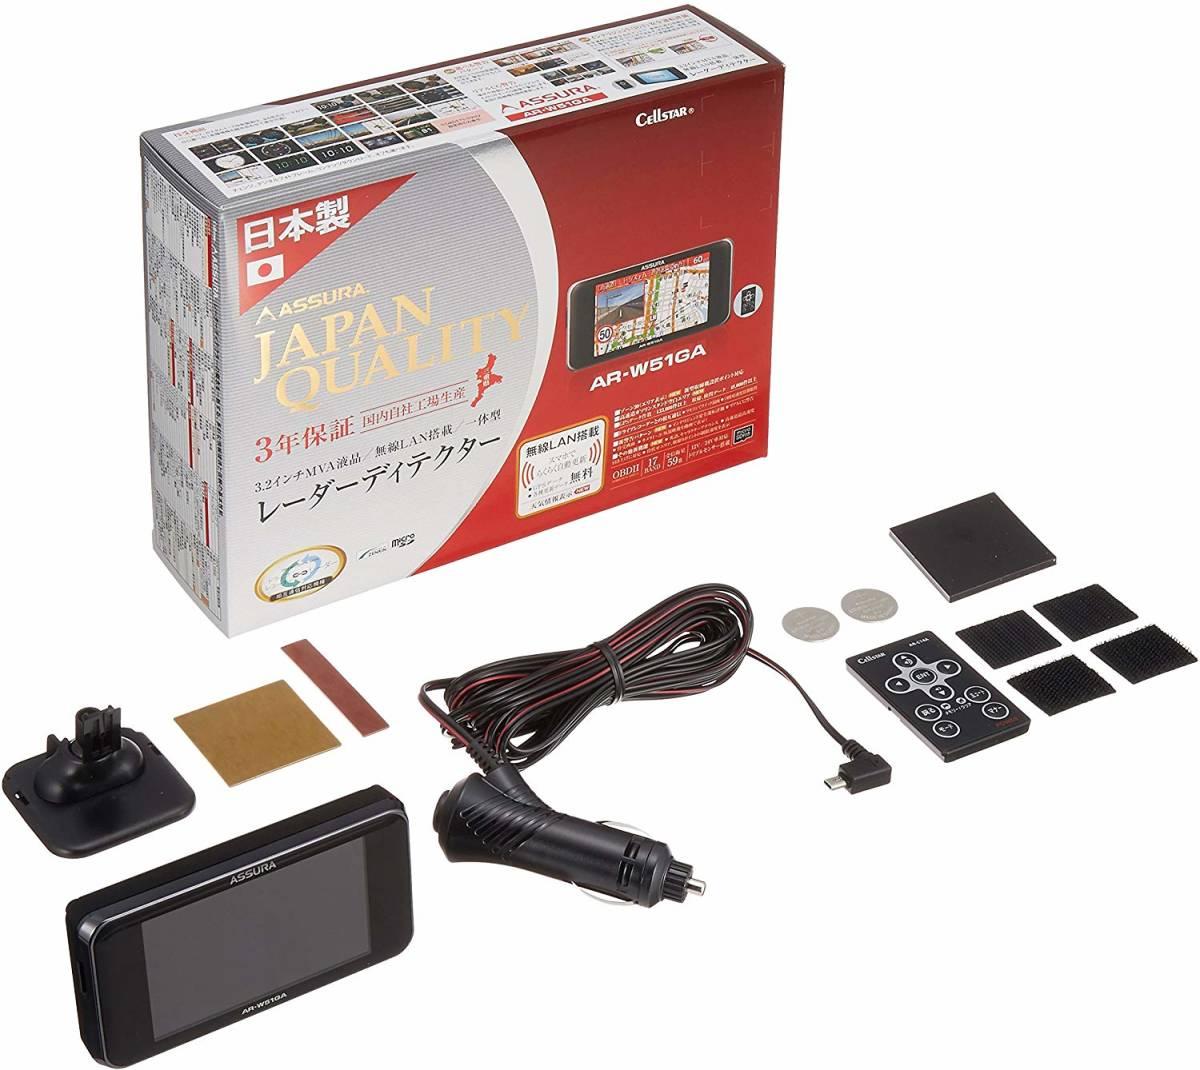 新品即決★送料無料 セルスター レーダー探知機 AR-W51GA 日本製 3年保証 GPSデータ更新無料 無線LAN フルマップ OBDII対応_画像3